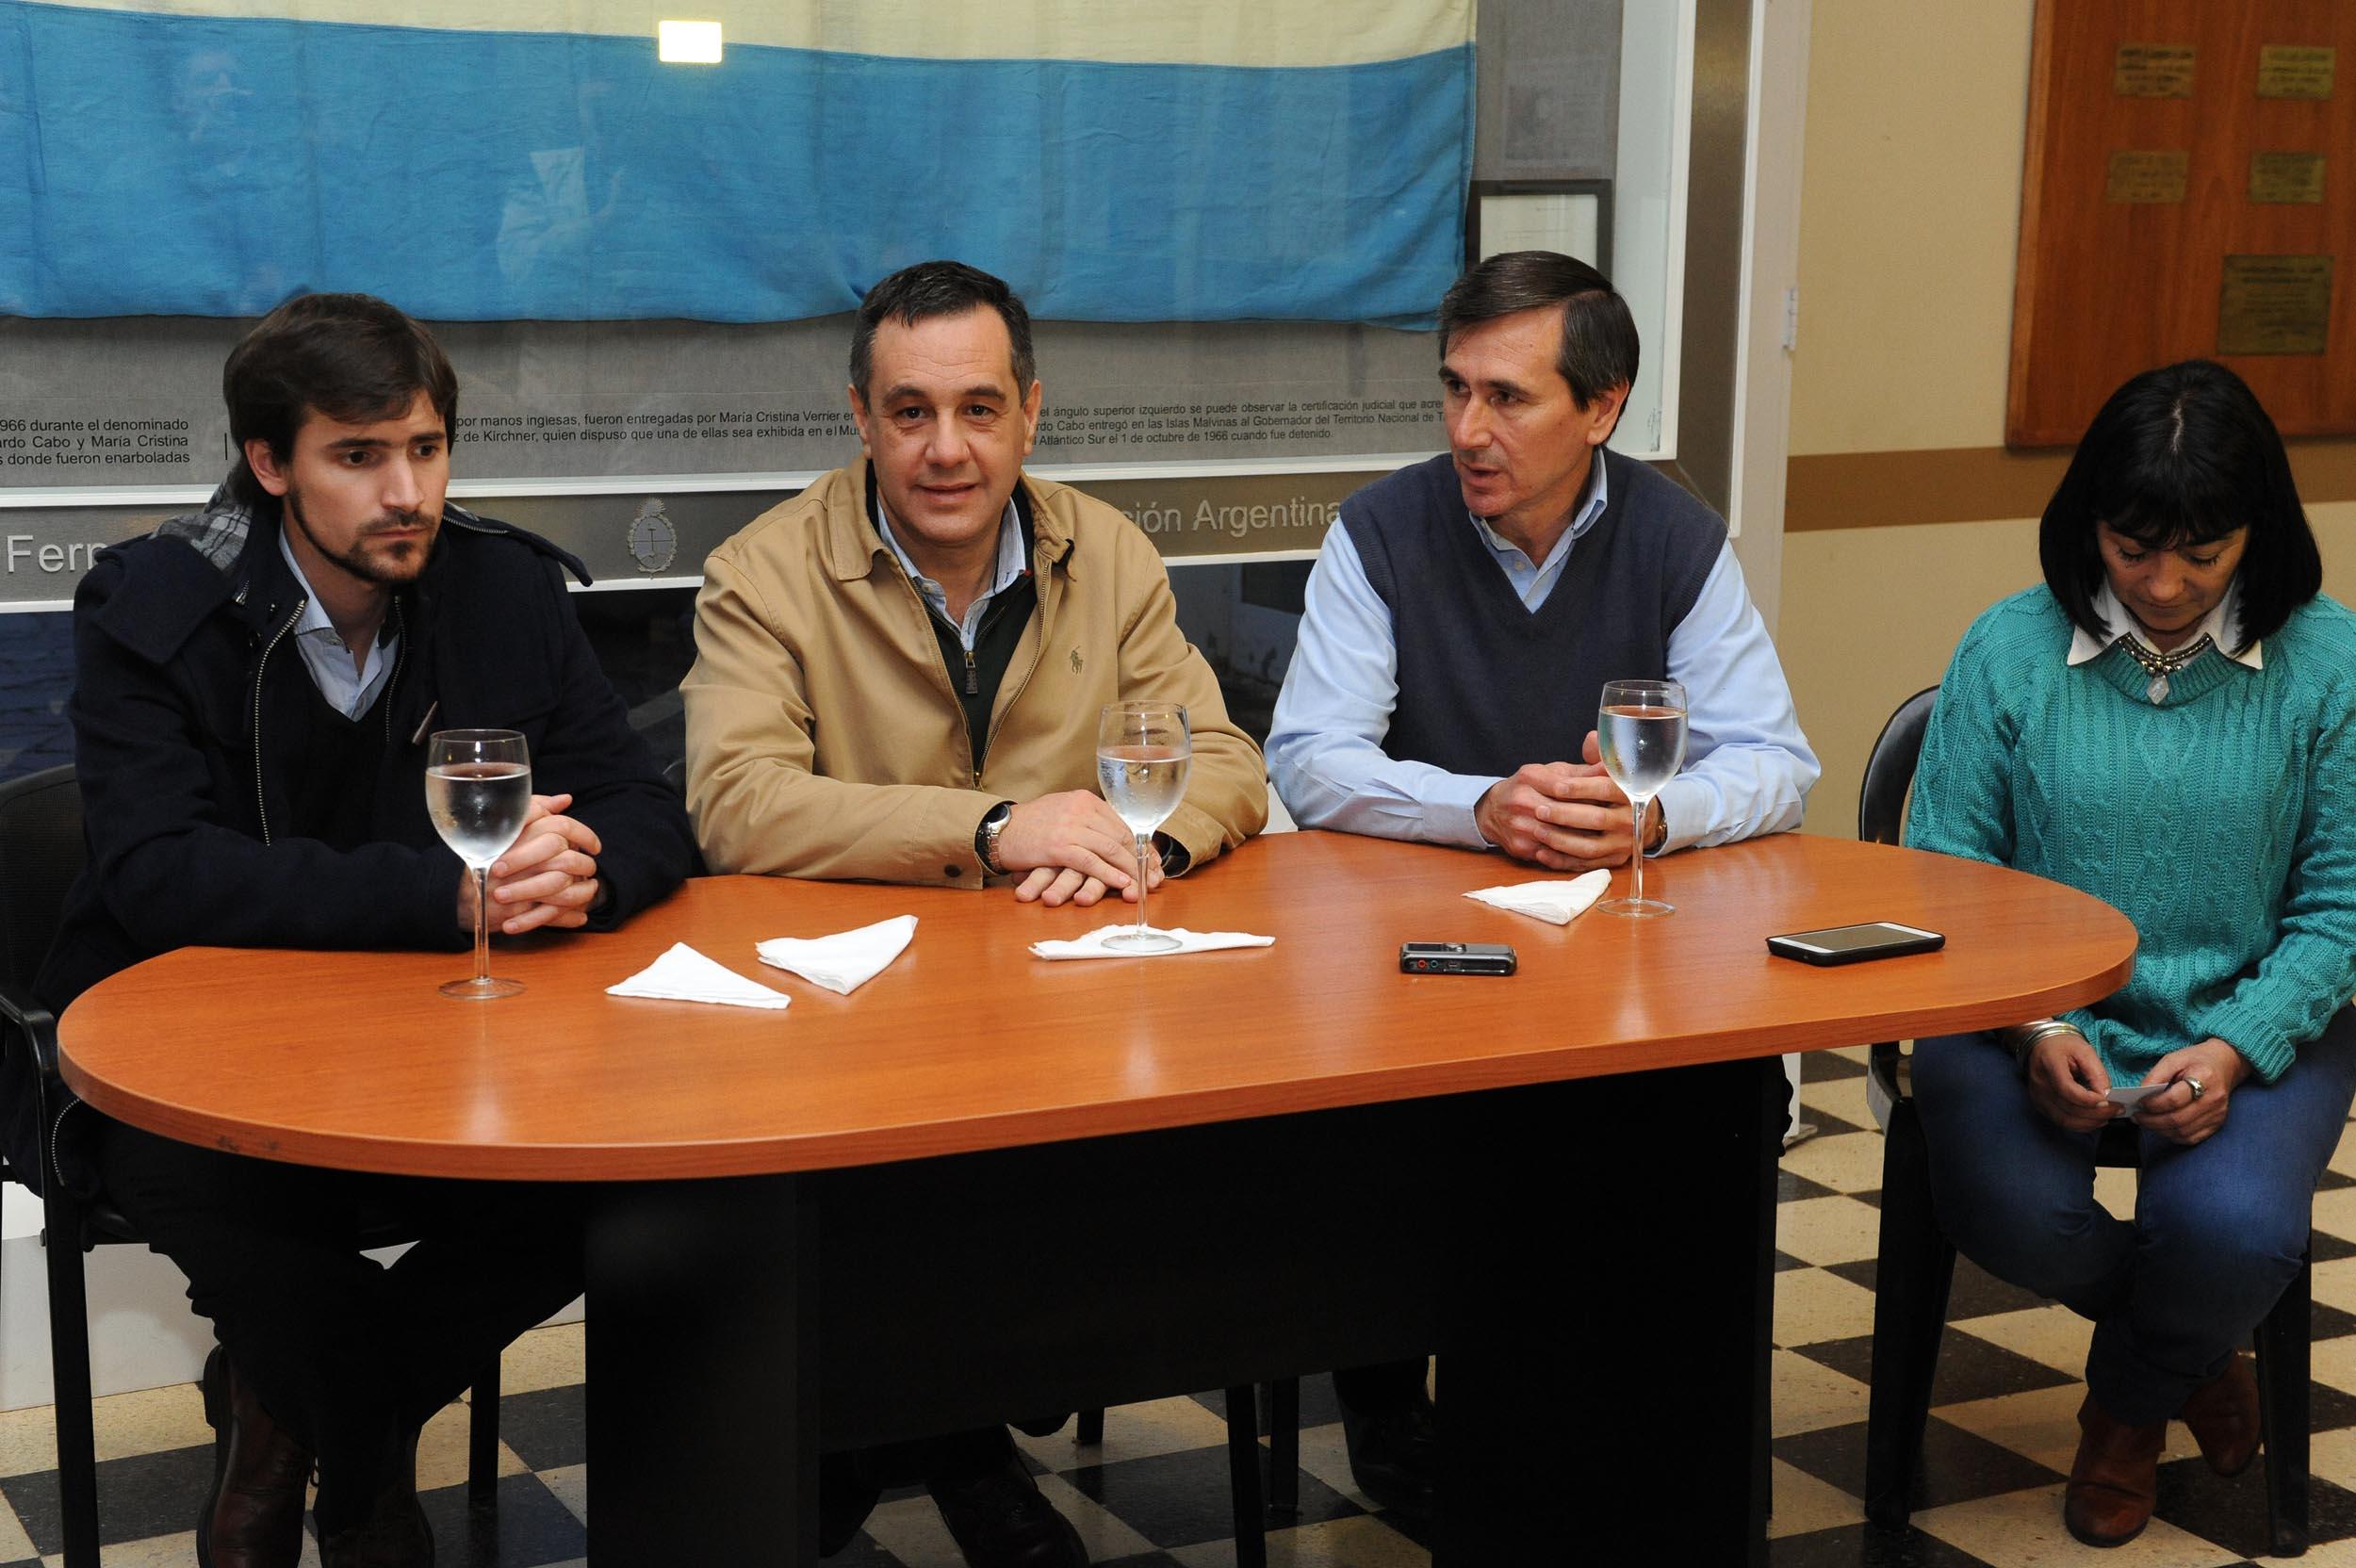 Finocchiaro y Harispe en conferencia de prensa - Lezama2 (2)